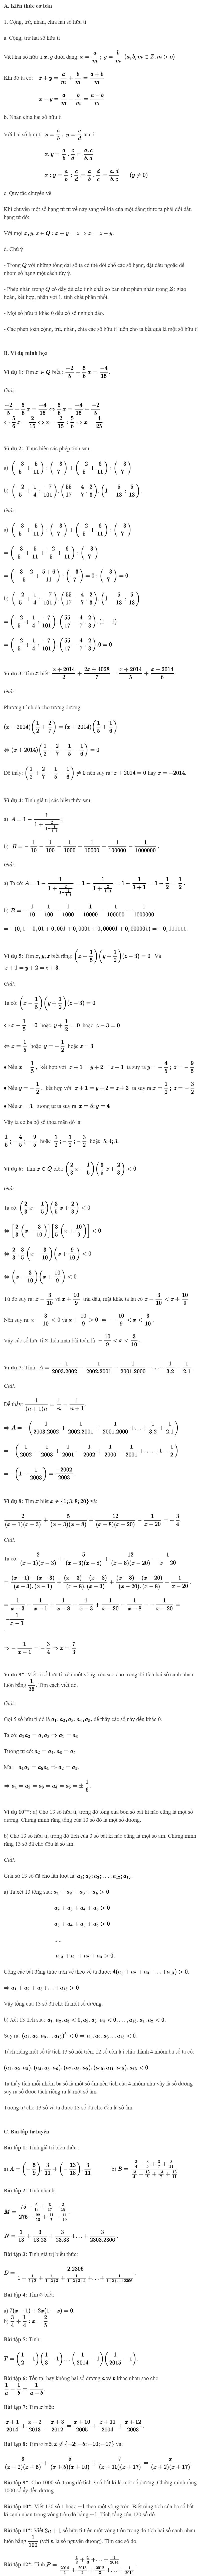 Chuyên đề - Cộng, trừ, nhân, chia số hữu tỉ - Đại số 7